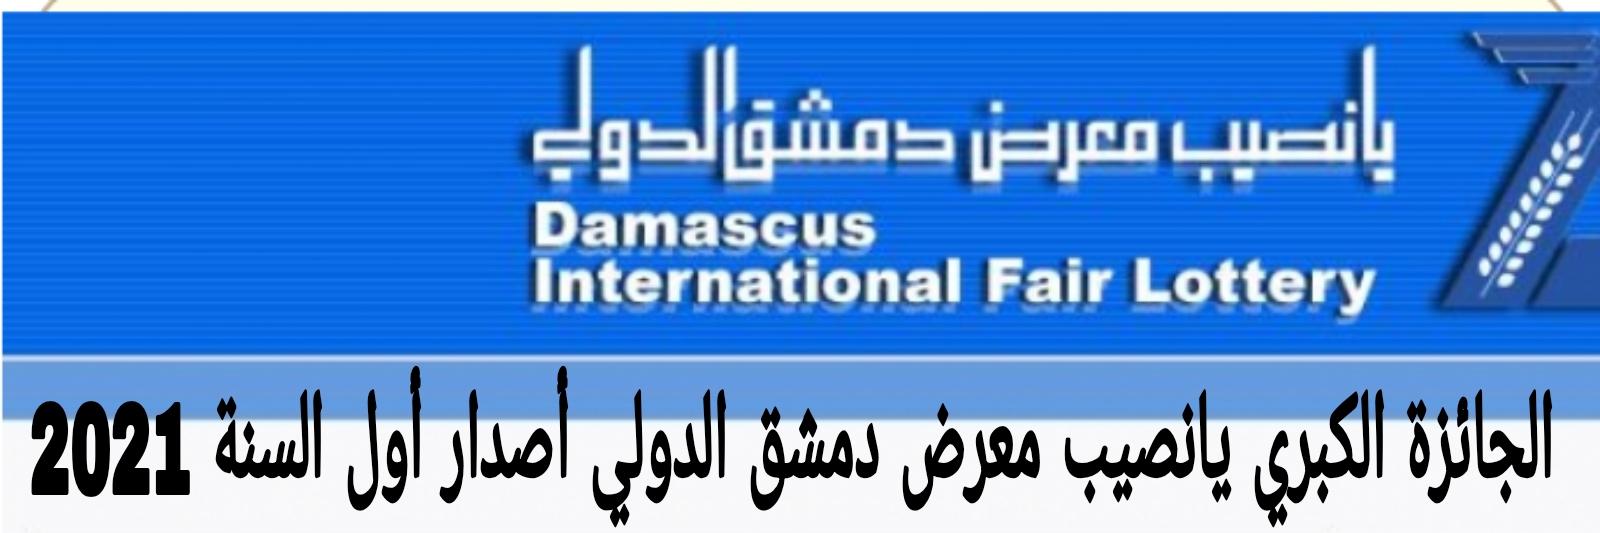 الأن ظهرت ~ يانصيب معرض دمشق الدولي | الجائزة الكبري اول اصدار 2021 | نتائج يانصيب معرض دمشق الدولي اليوم الثلاثاء 05-01-2021 | رابط موقع اليانصيب السوري 2021